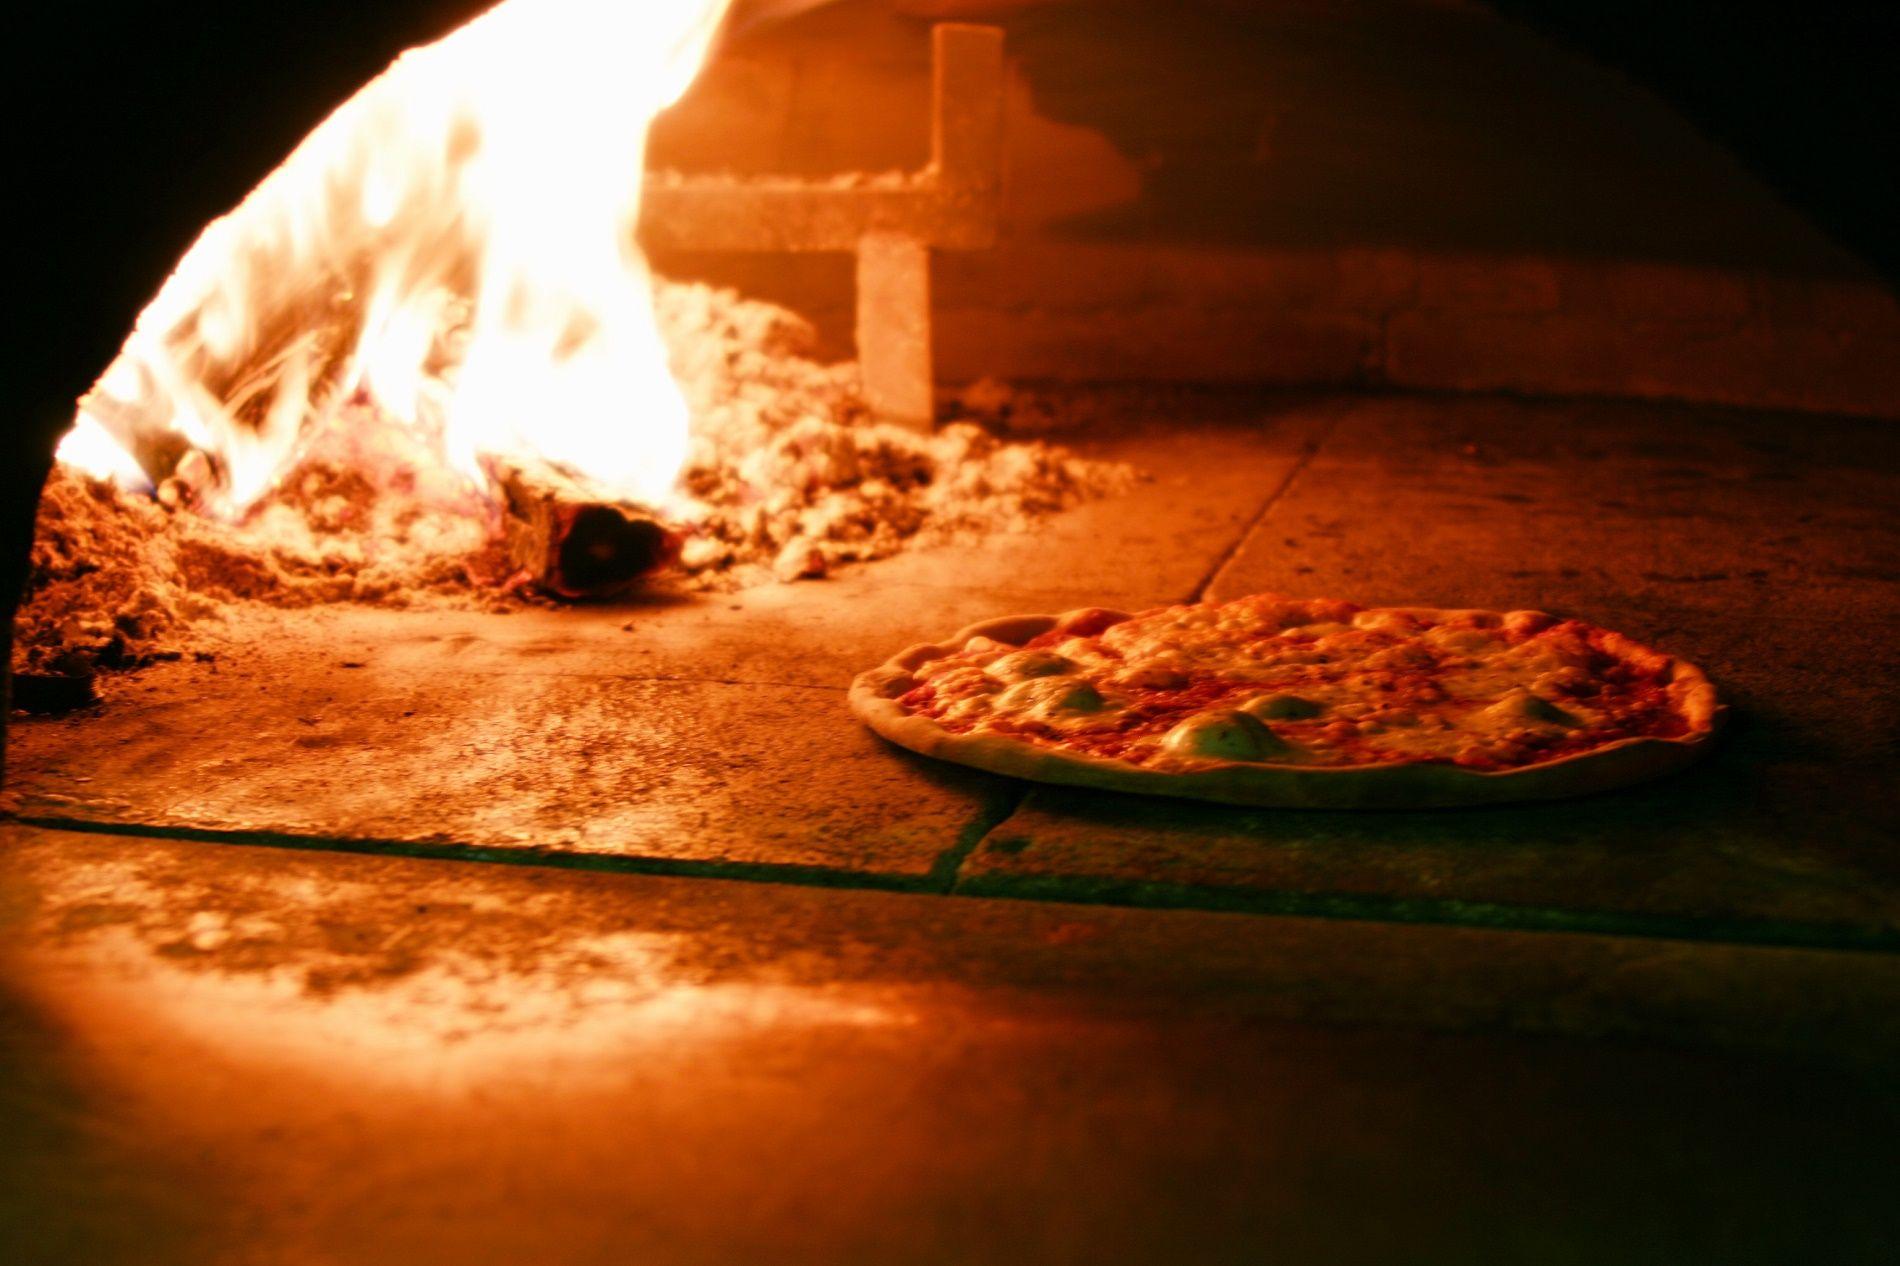 Quanto costa una pizza margherita?